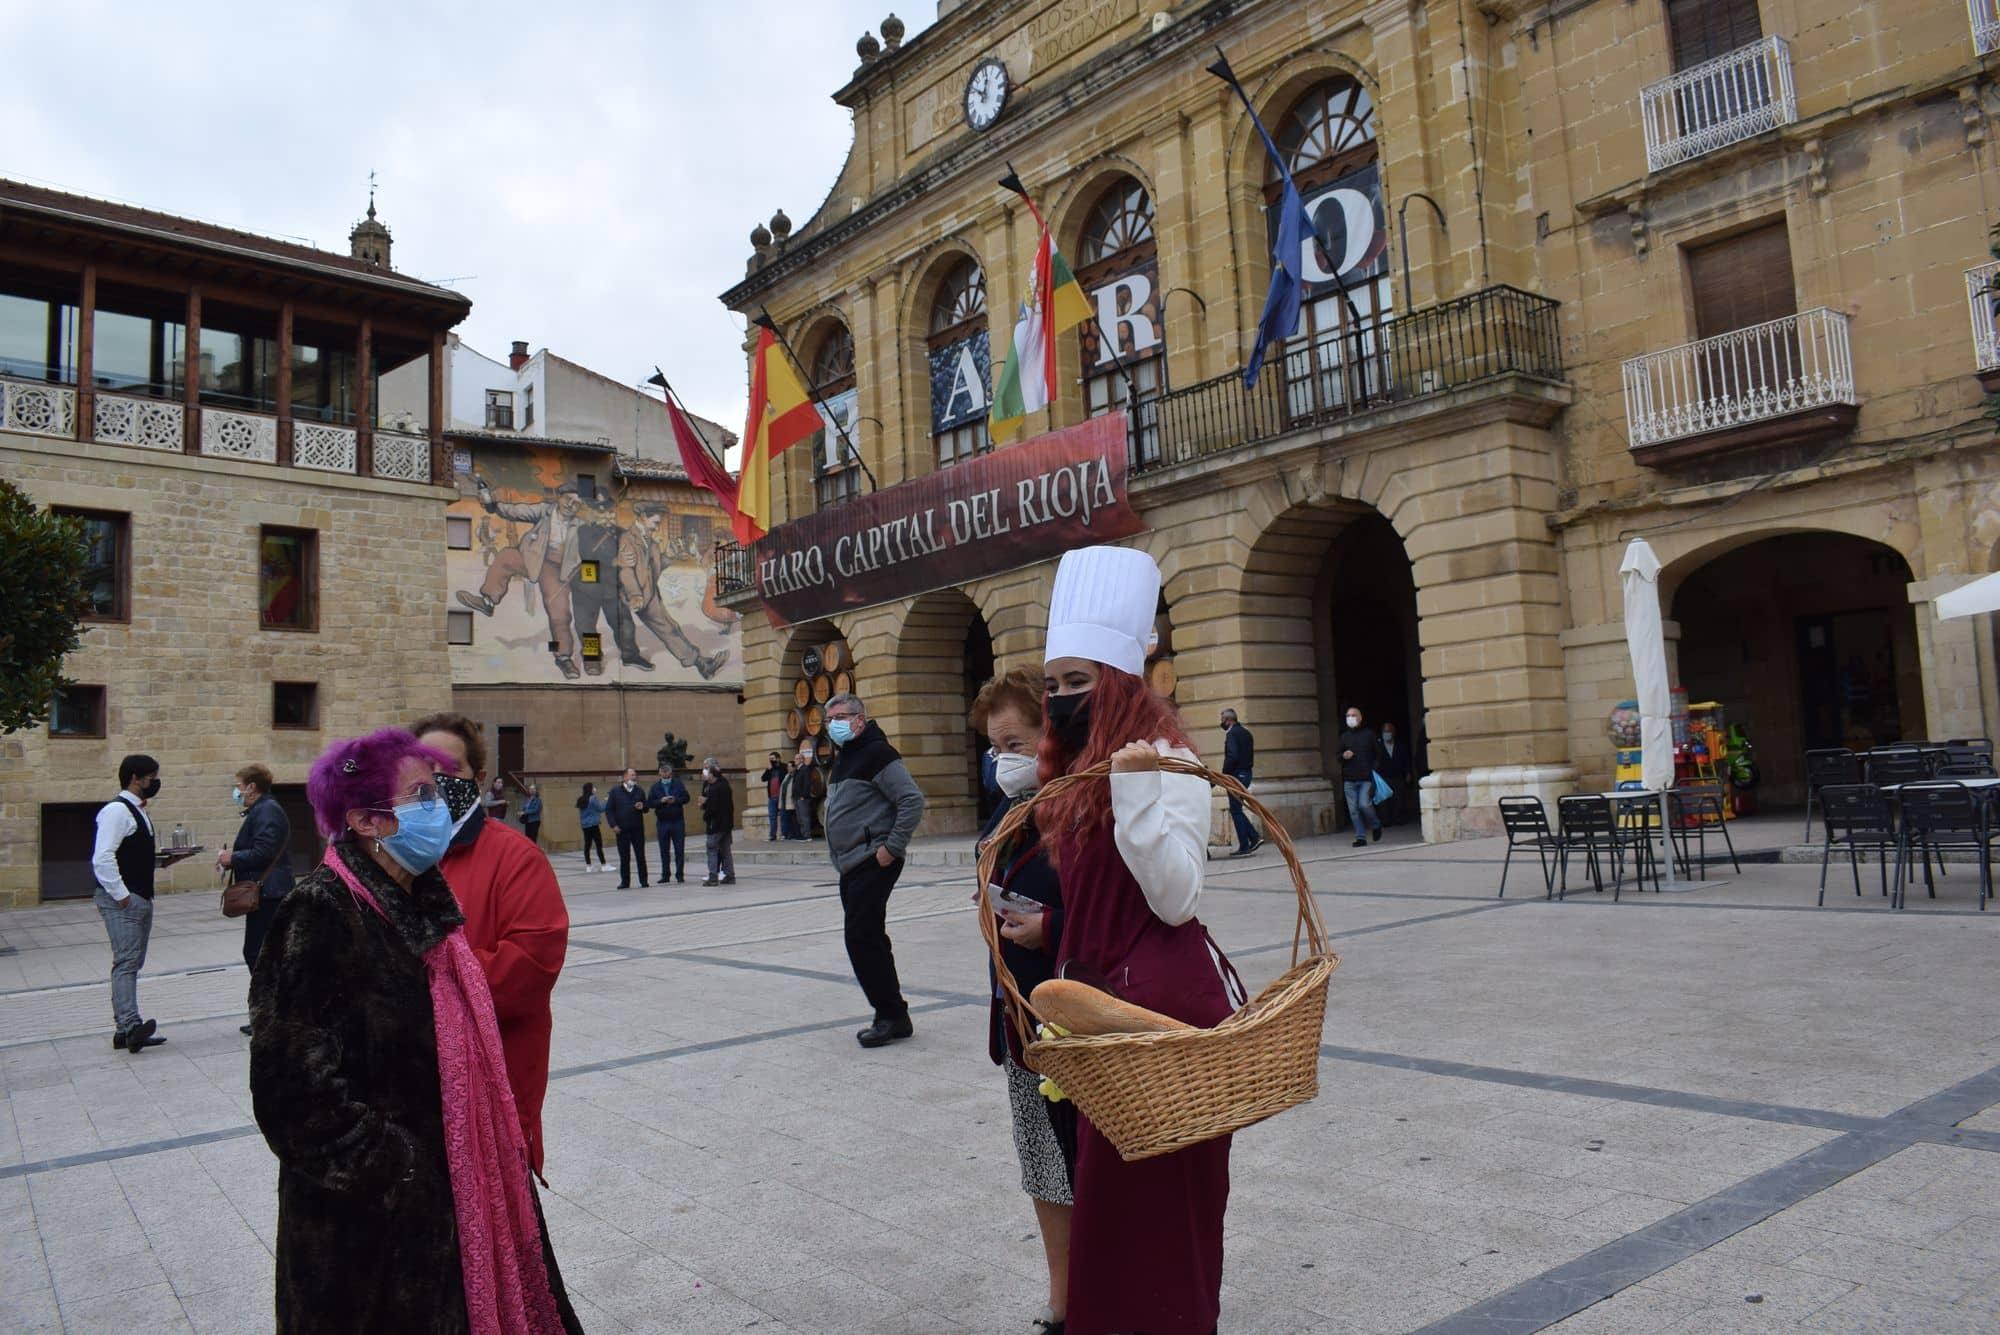 La plaza de la Paz estrena un photocall con el lema 'Haro, Capital del Rioja' 4